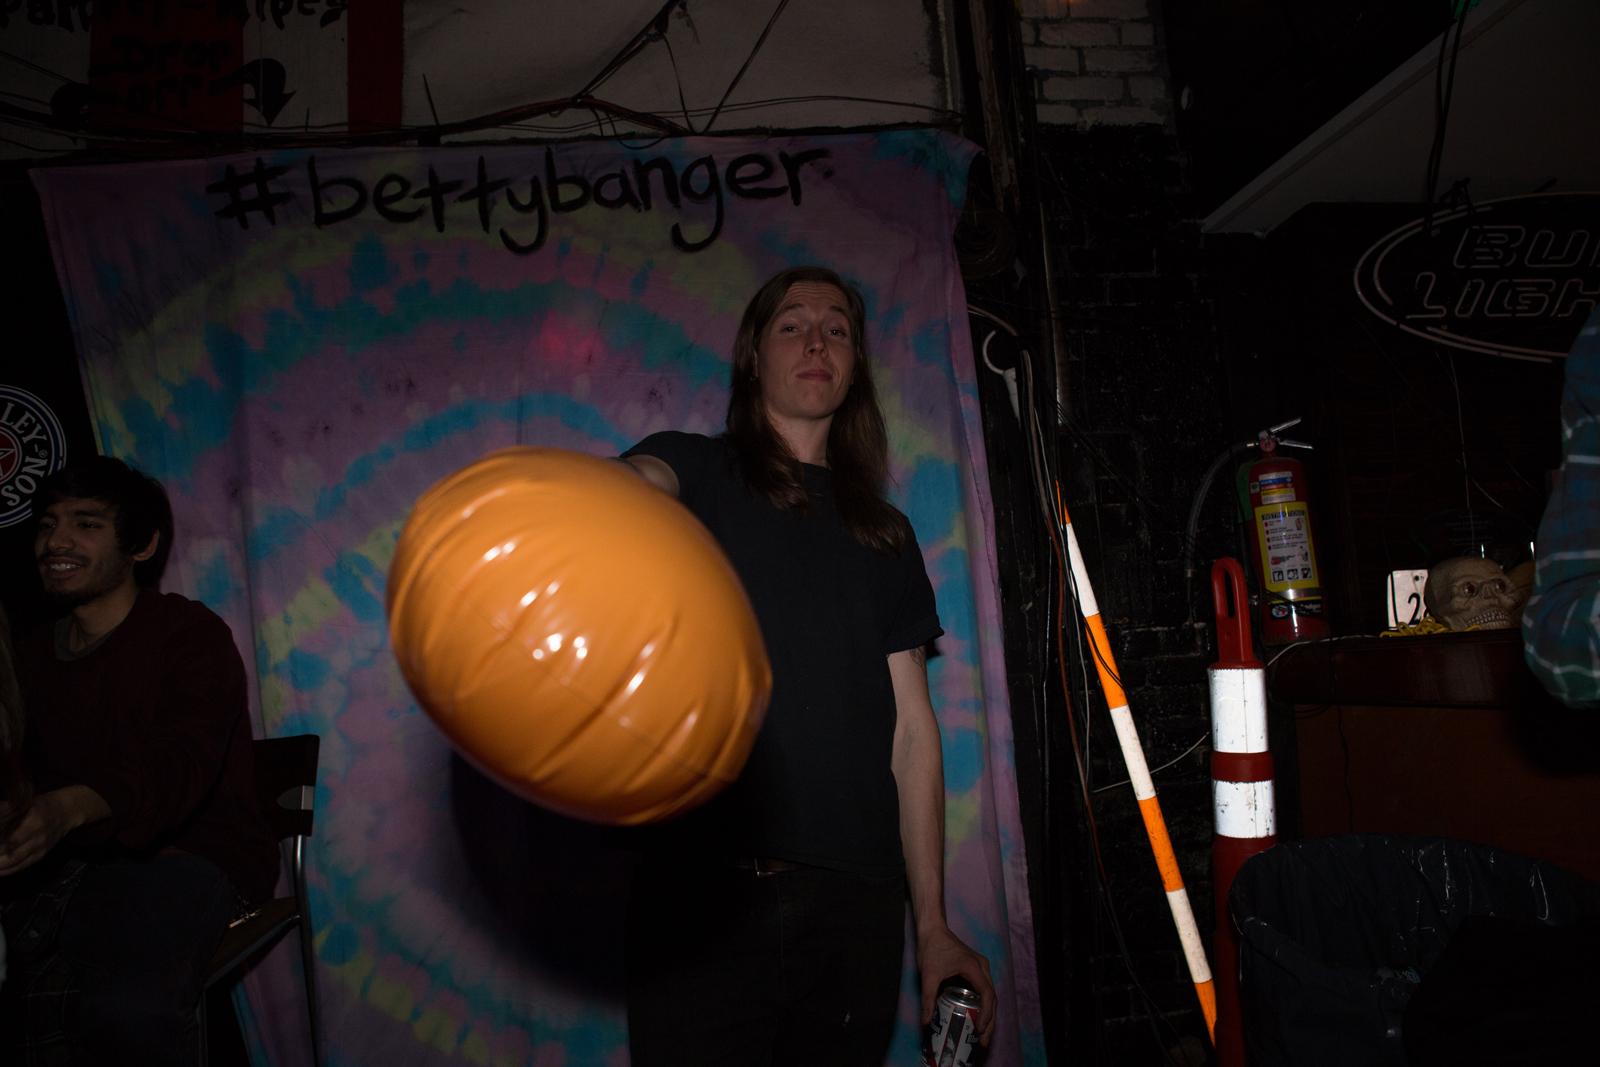 BettyzBanger-138.jpg